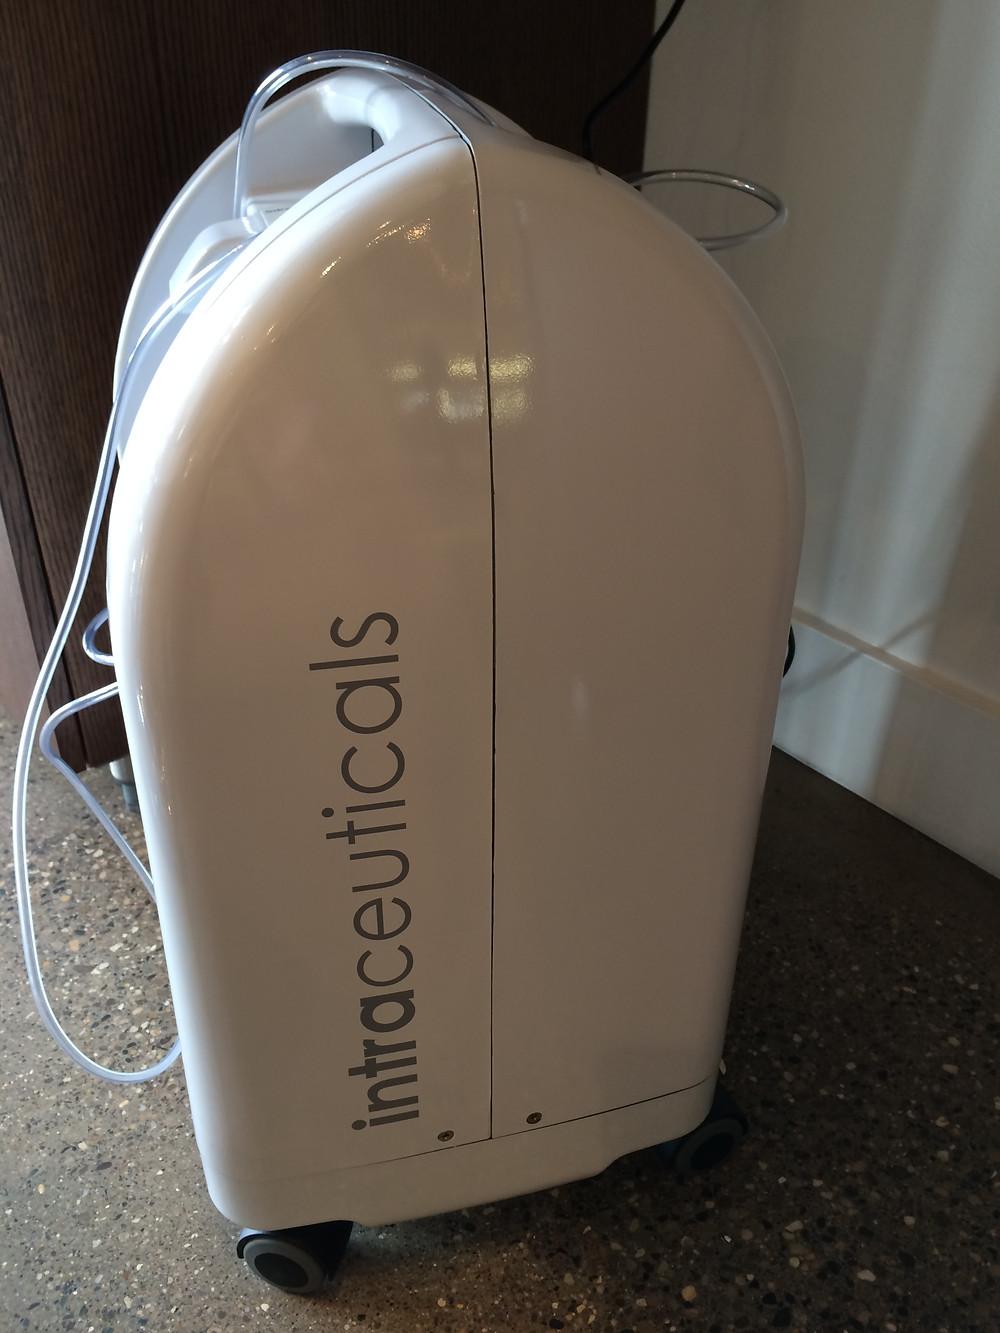 My 1st Intraceuticals oxygen machine